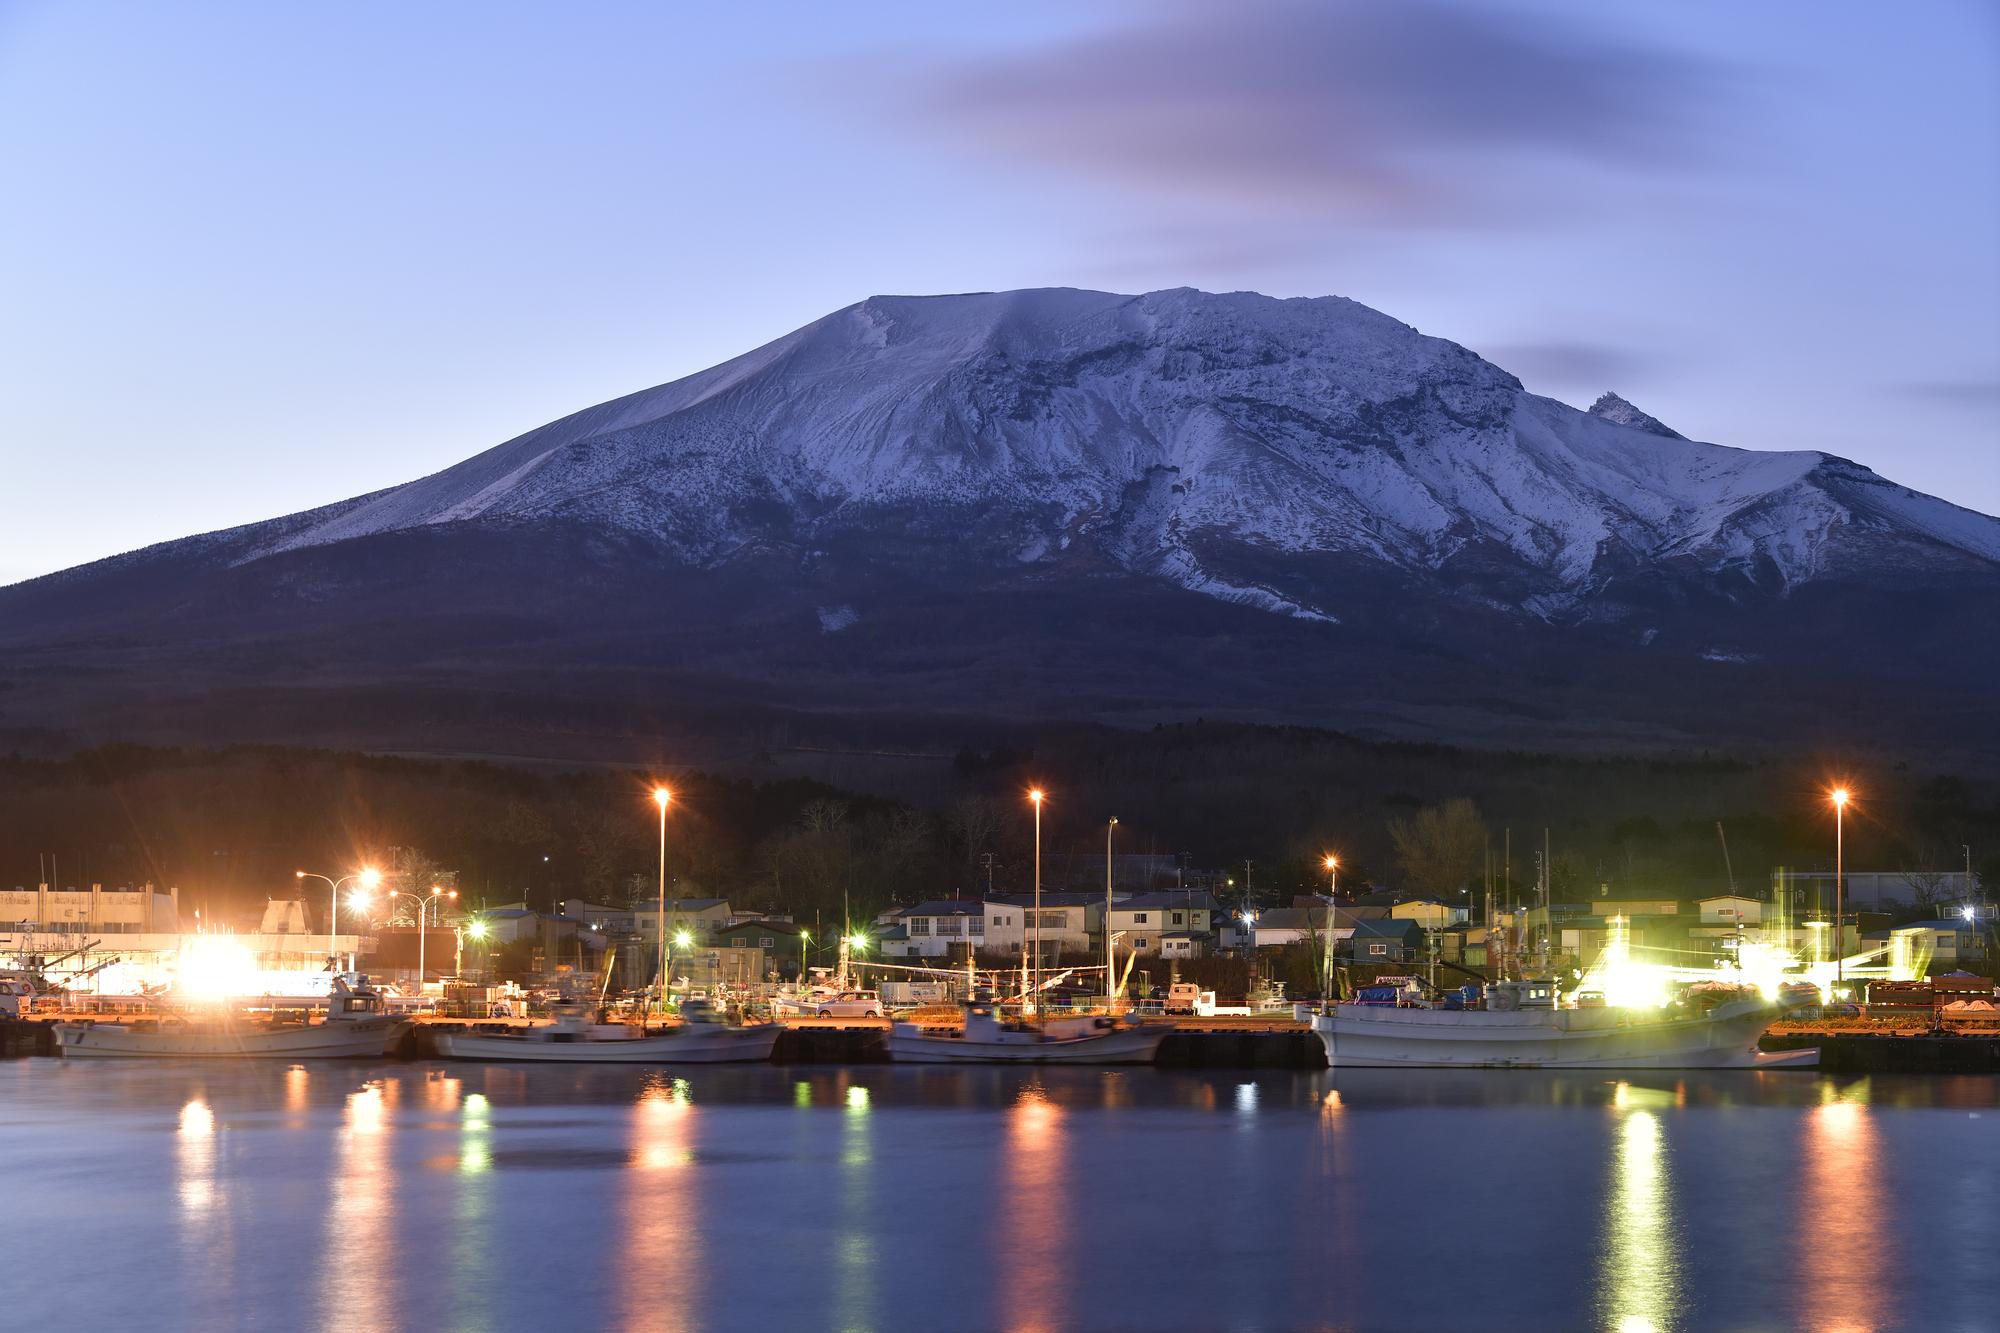 初冬の北海道森町砂原港の夜明けの風景を撮影